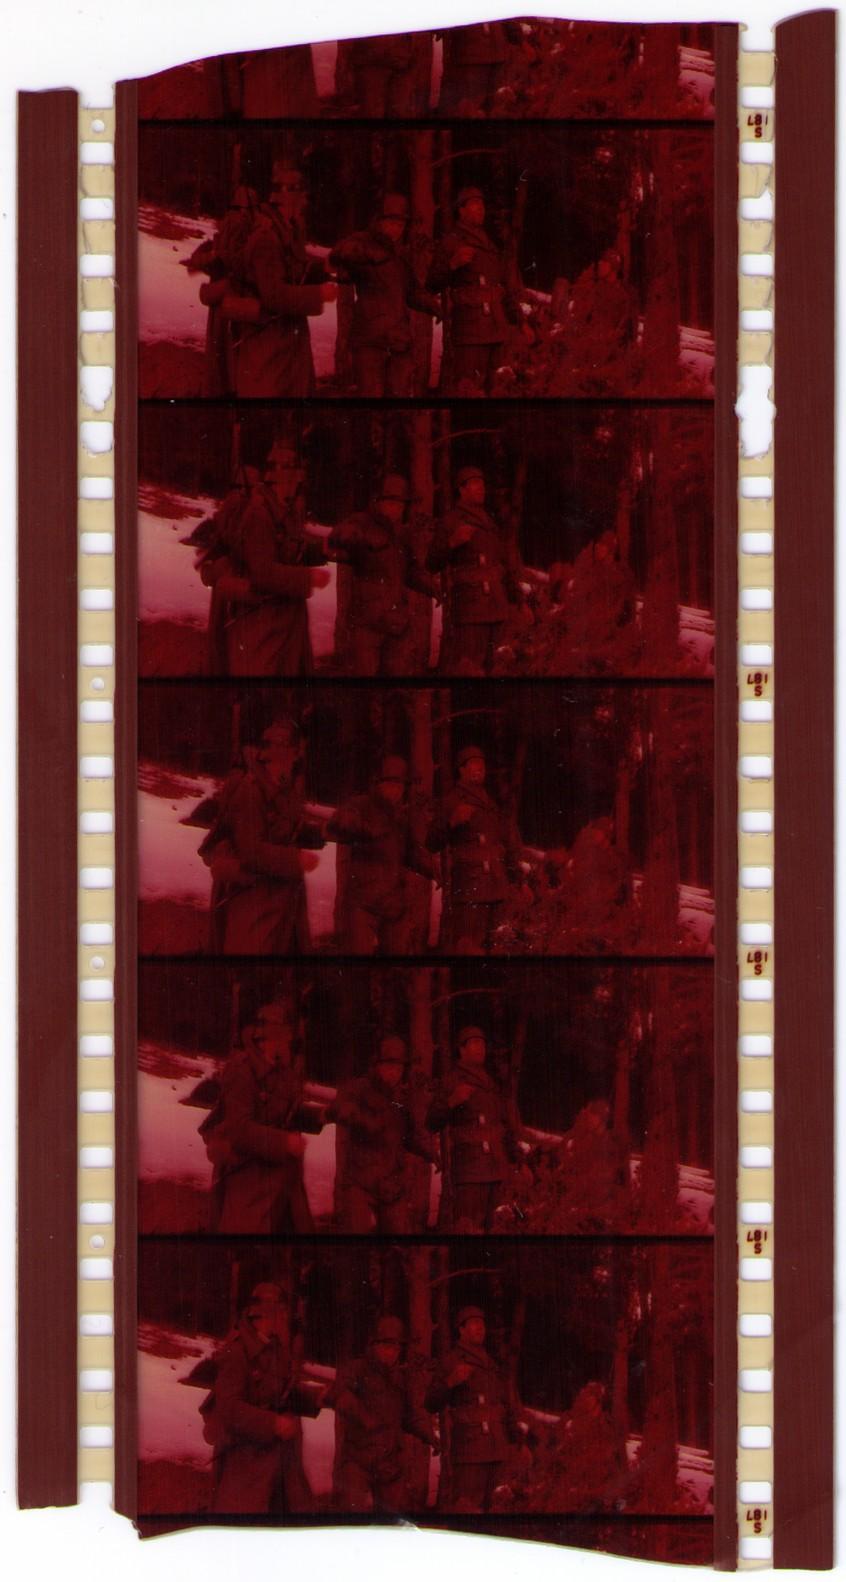 70 mm film - Wikipedia